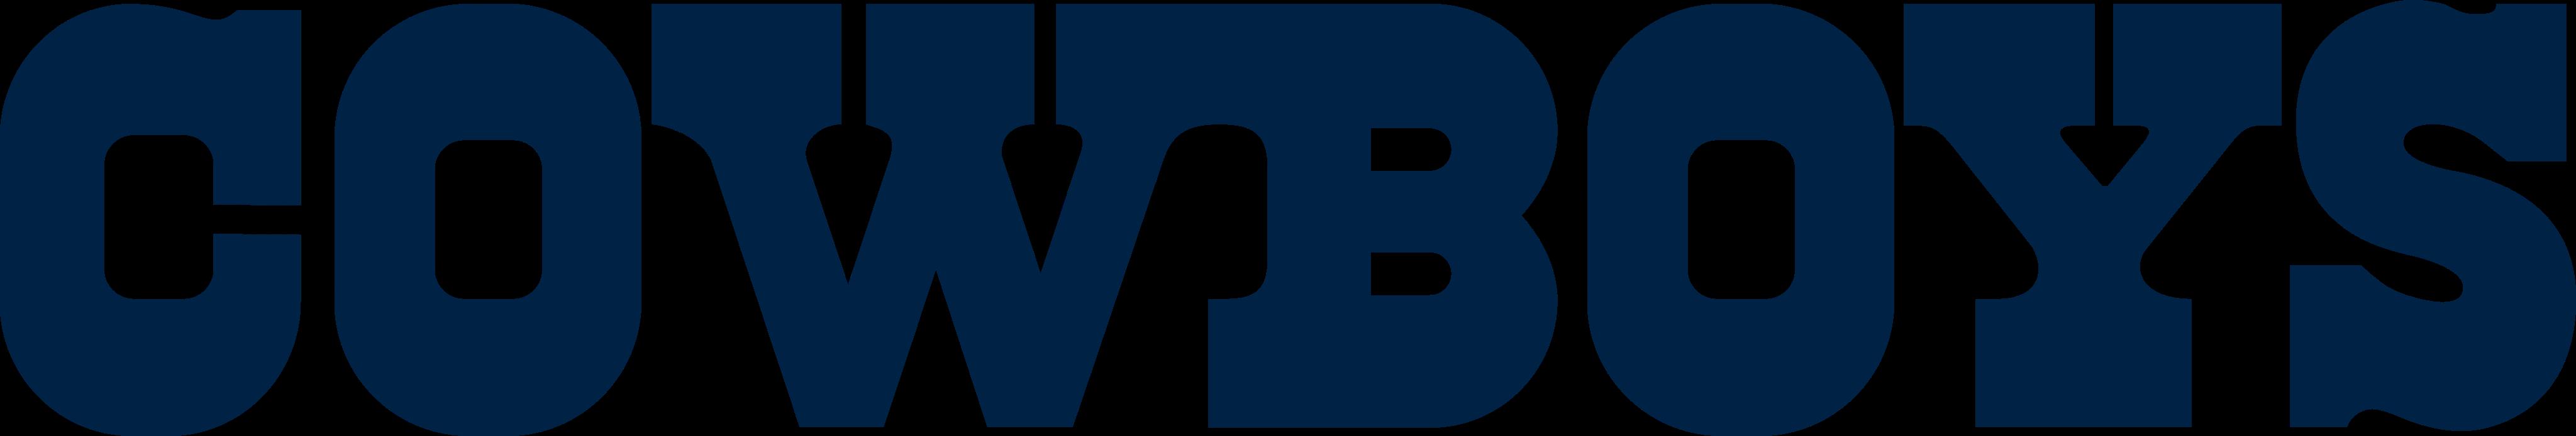 dallas cowboys logo 6 - Dallas Cowboys Logo